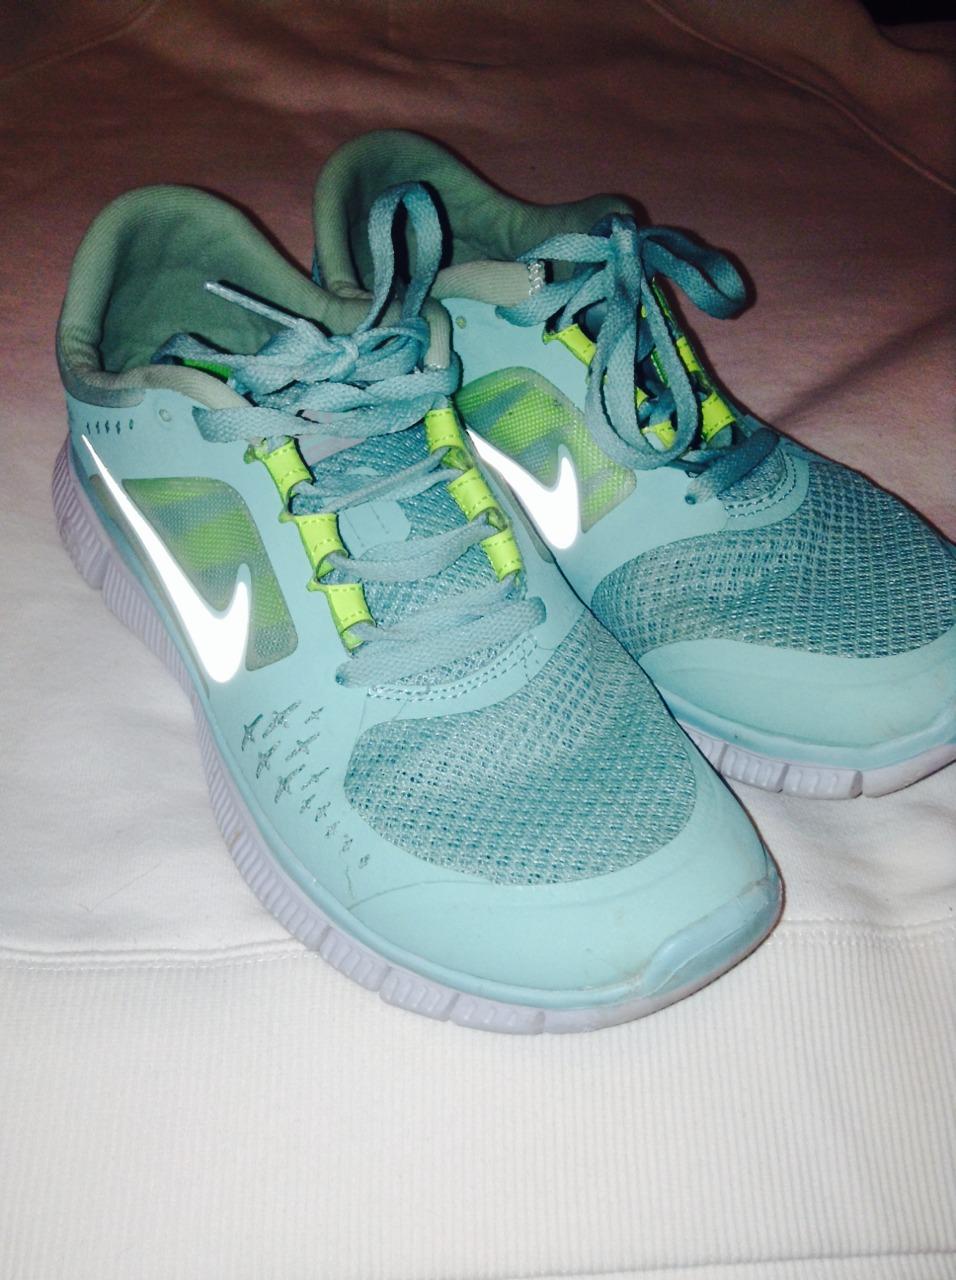 (New shoes ye yeeeee)